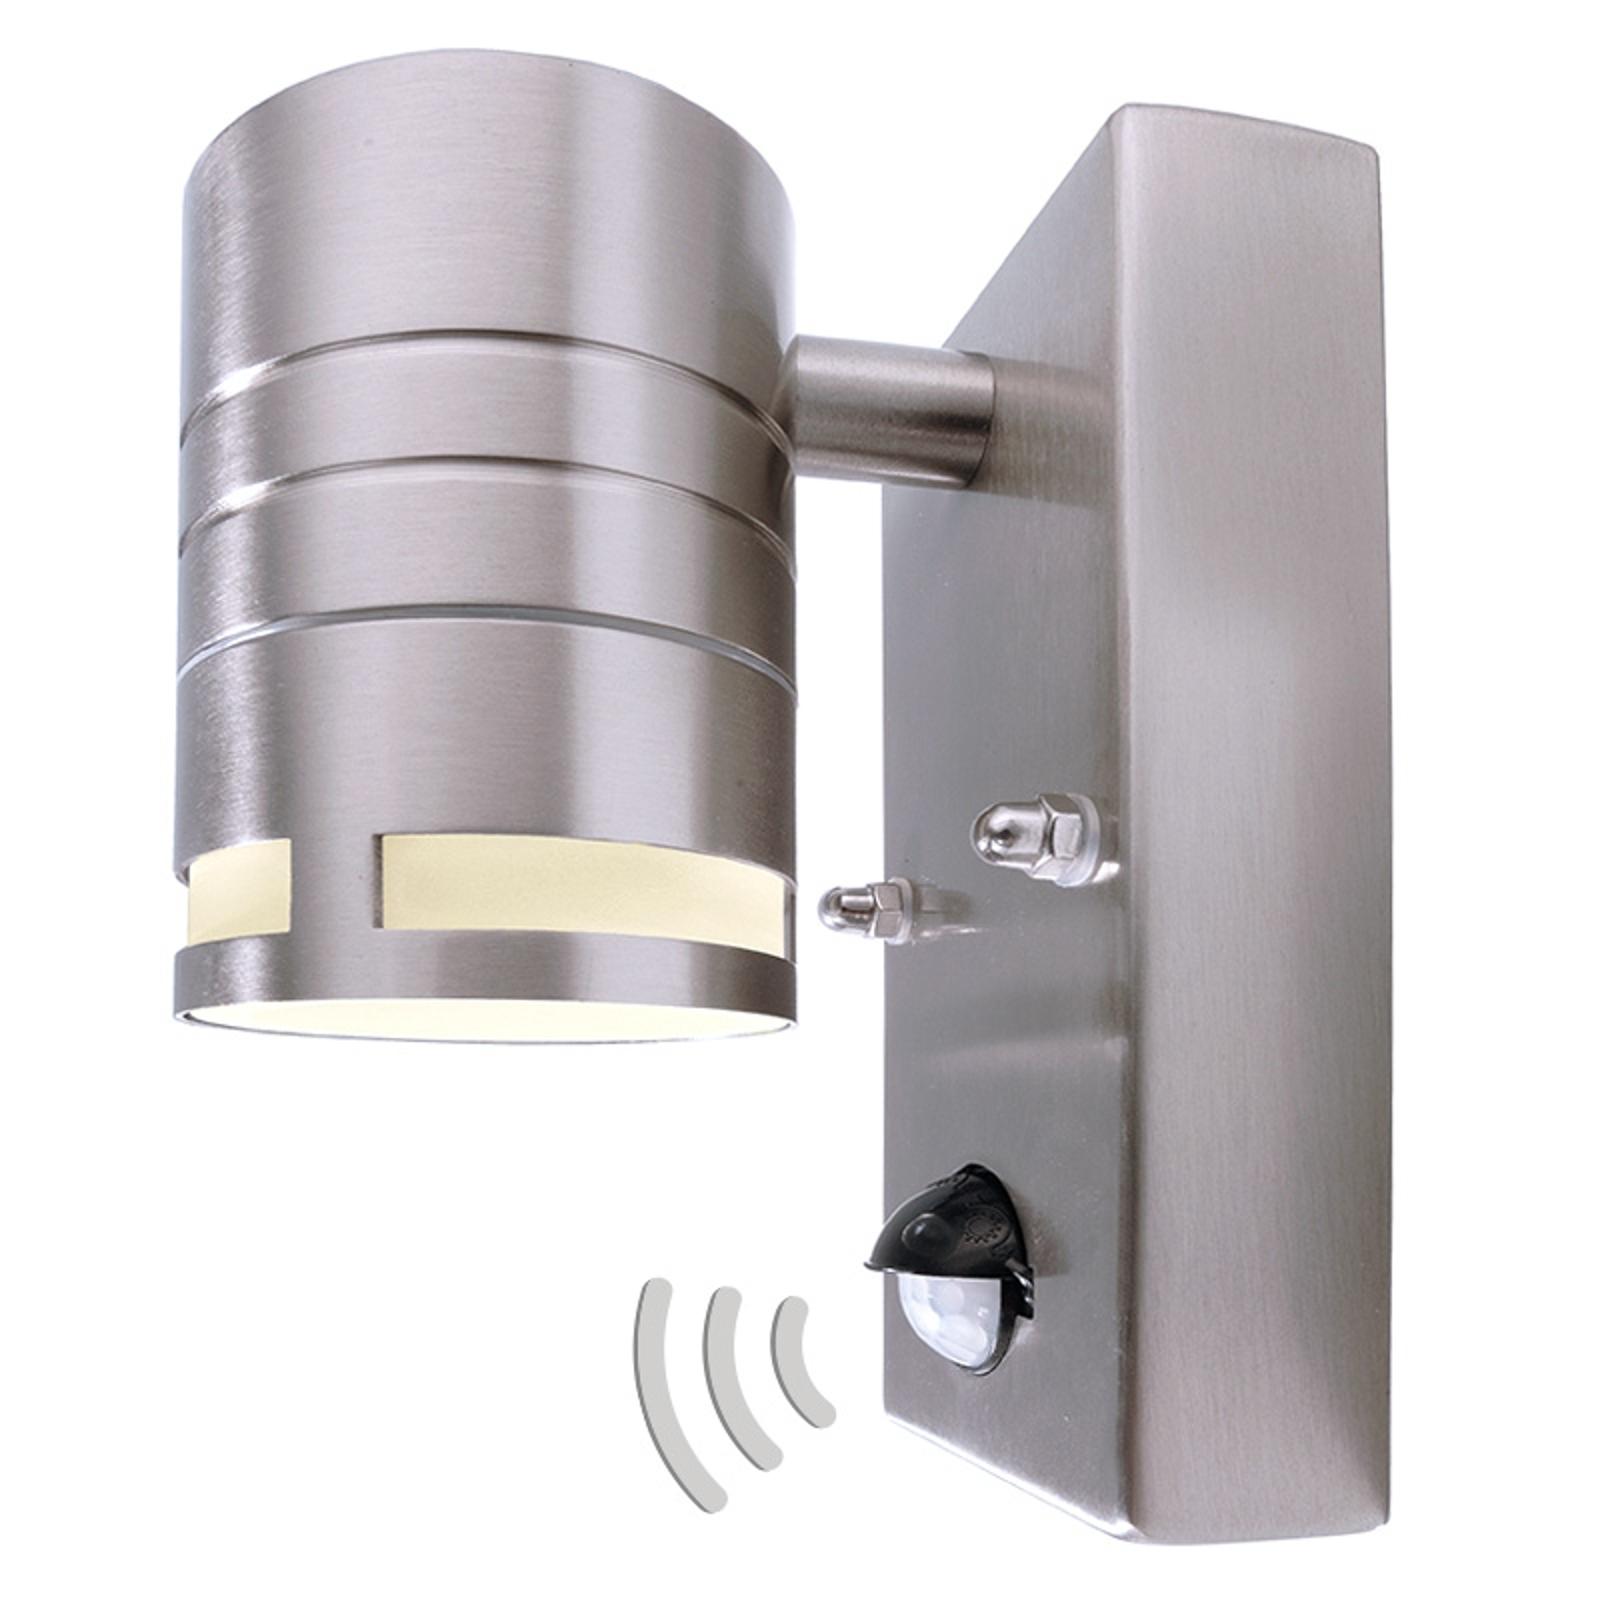 Malé nástěnné světlo Zilly II s detektorem pohybu